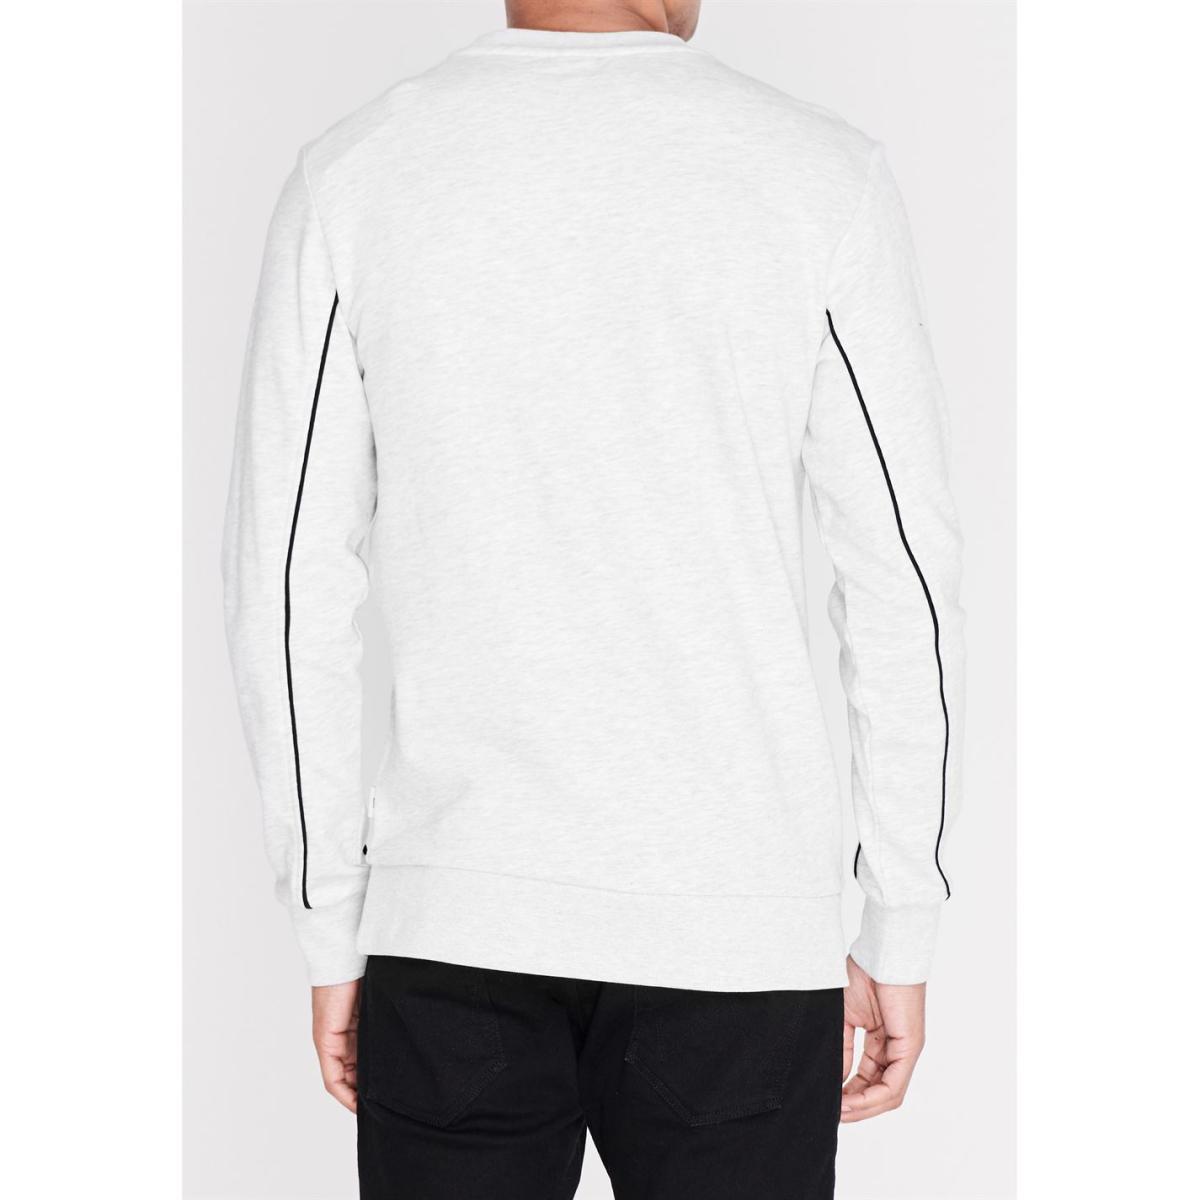 Jack And Jones Sweatshirt Herren Pullover